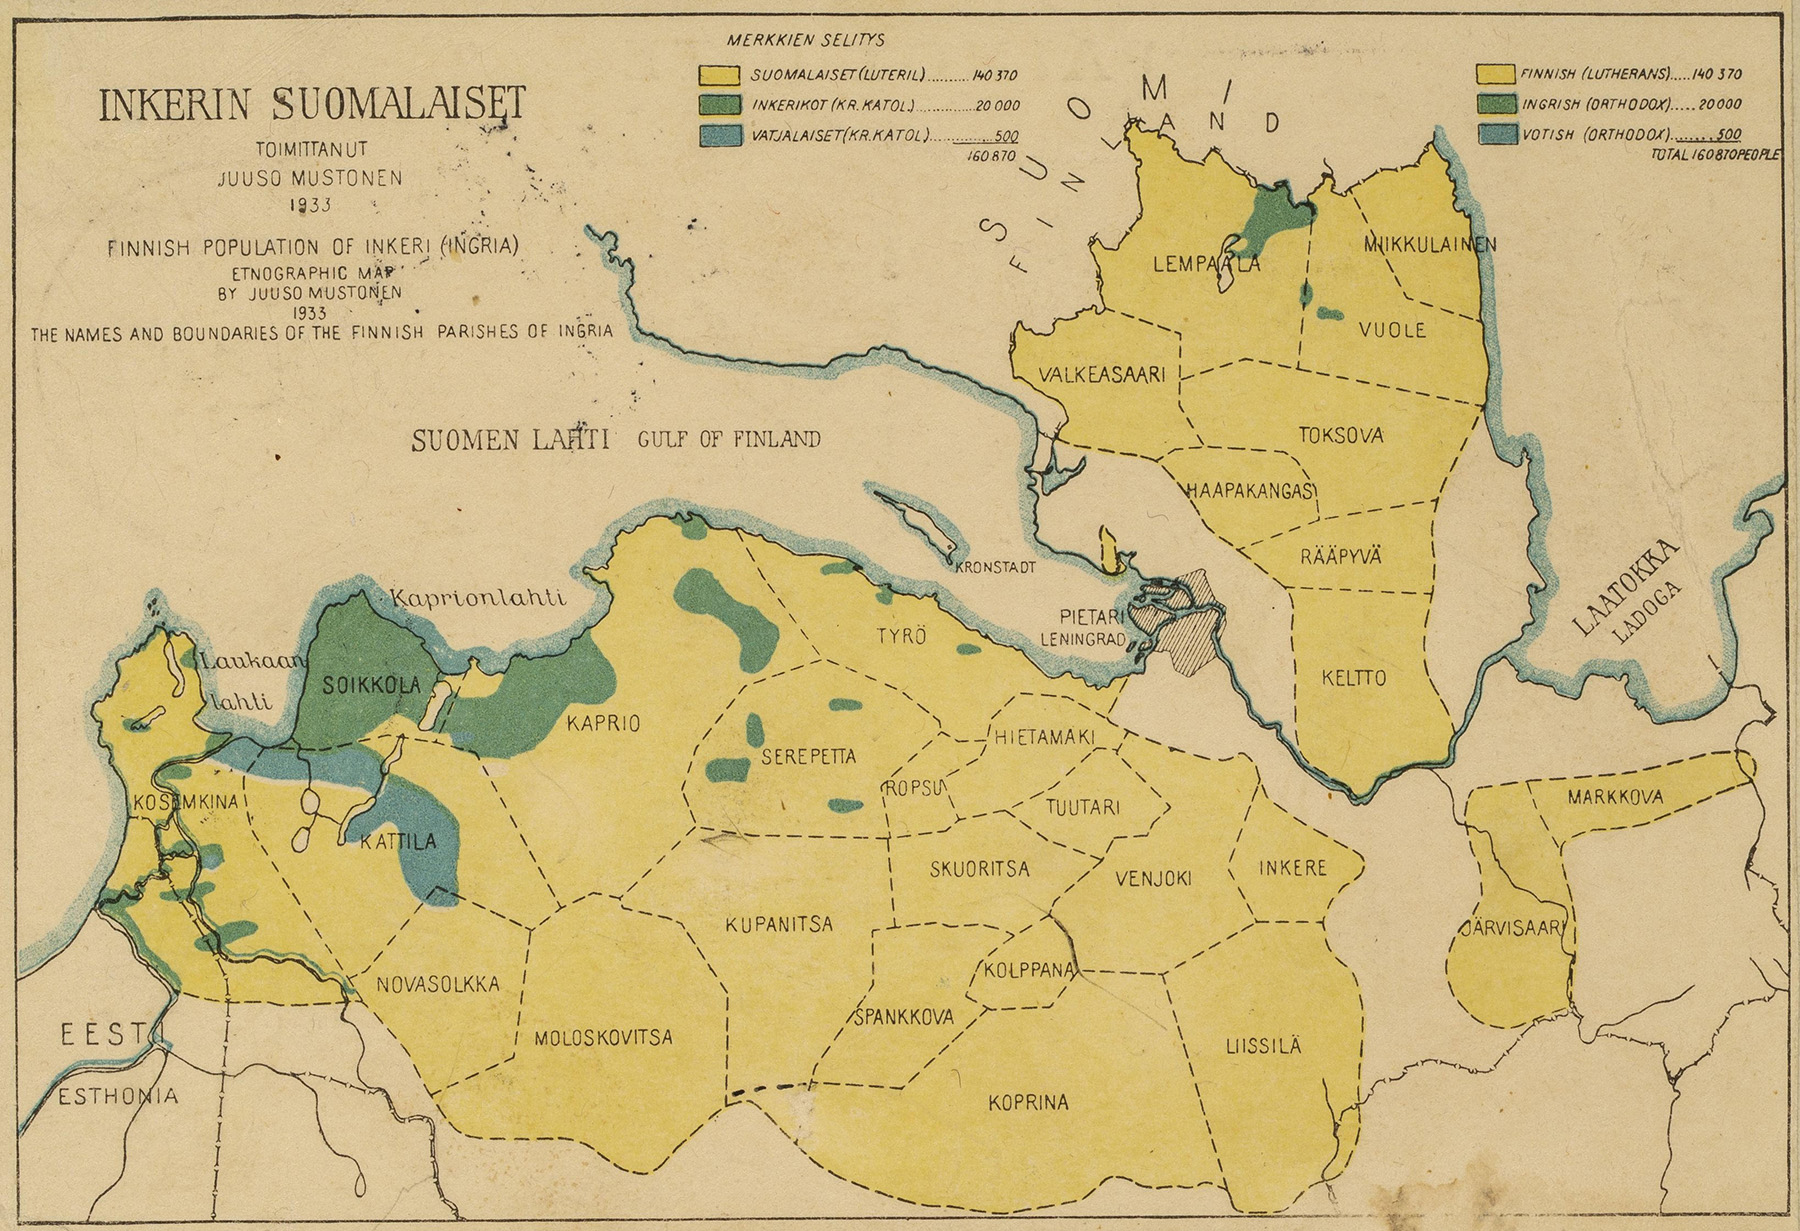 Inkerin seurakuntien kartta, josta näkee eri ryhmien asuinalueet. Kartan on laatinut Juuso Mustonen 1933. Kuva SKS:n arkisto, Kuortti-perheen arkisto.